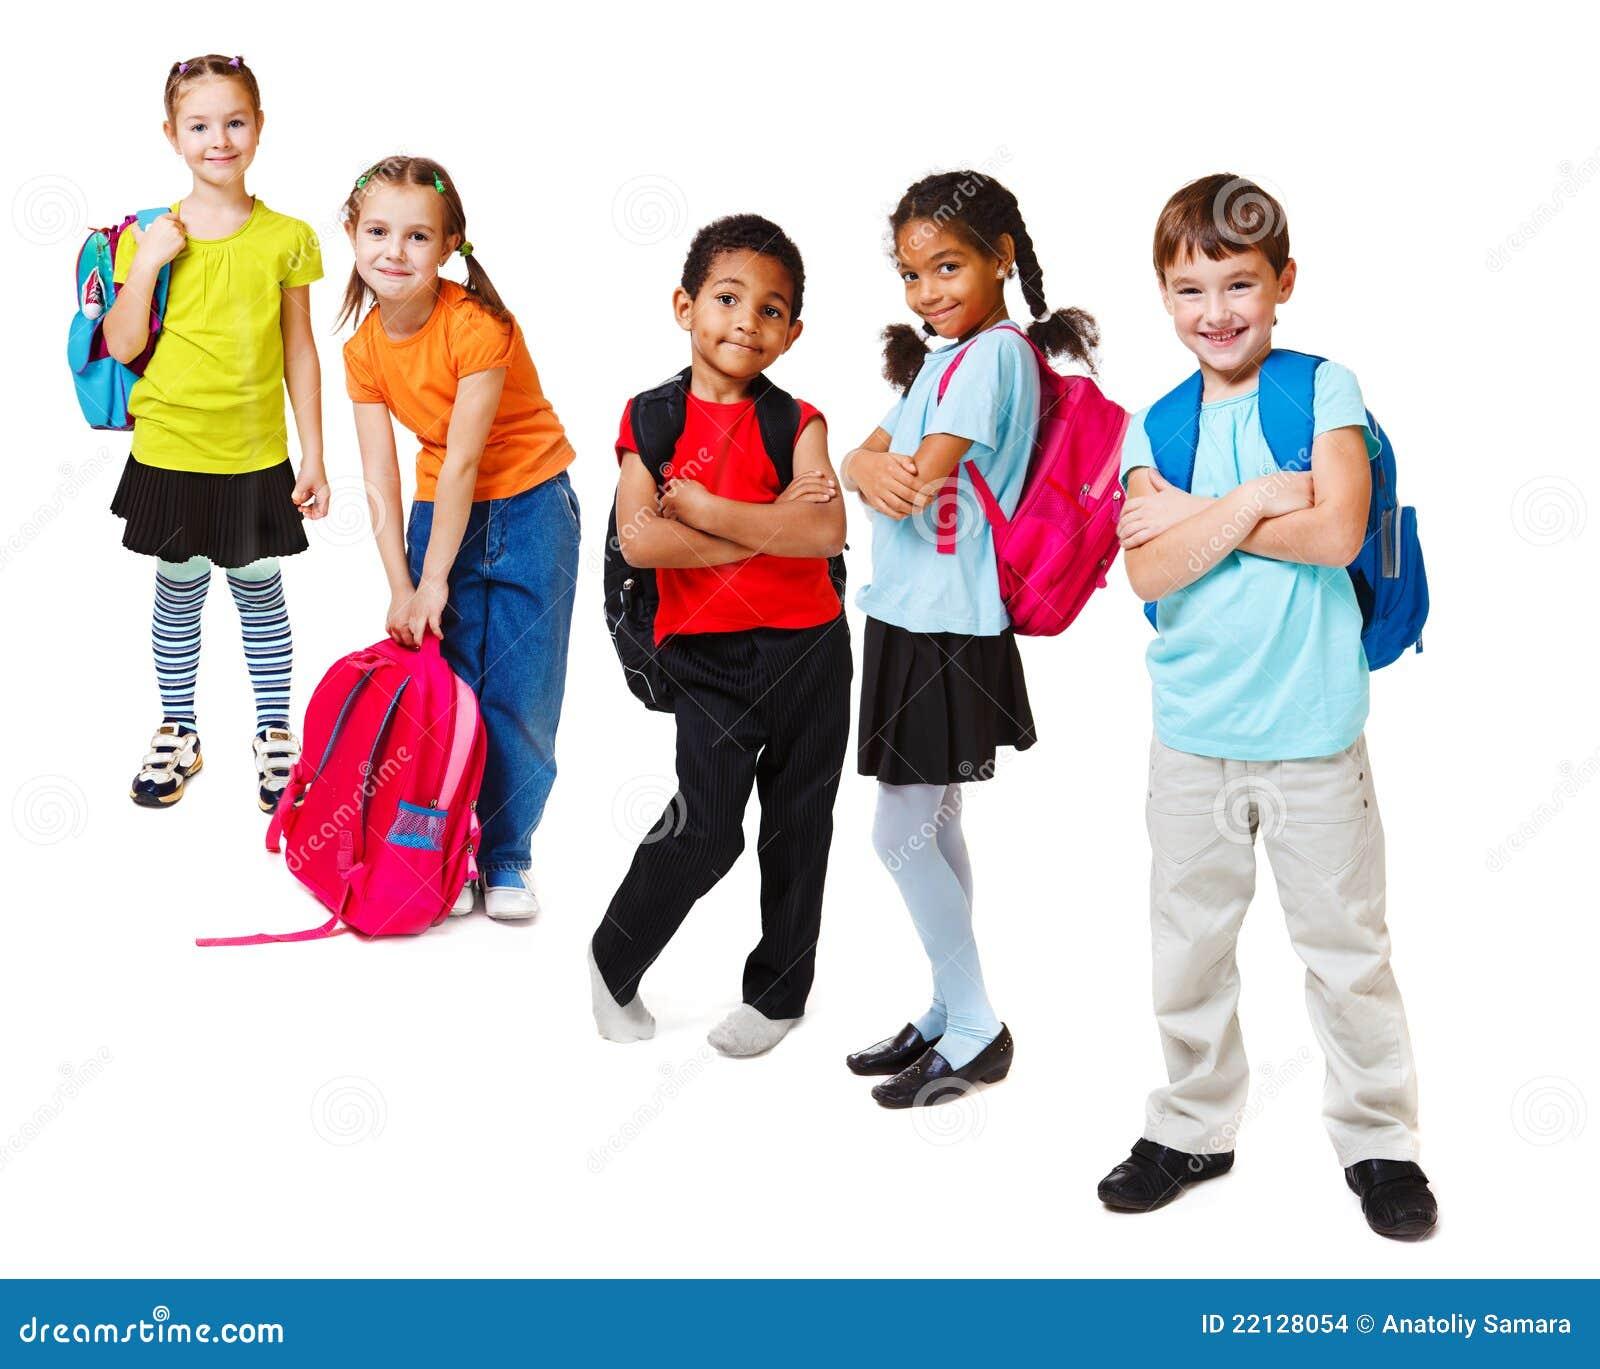 School kids stock photo. Image of girl, little, adorable ...